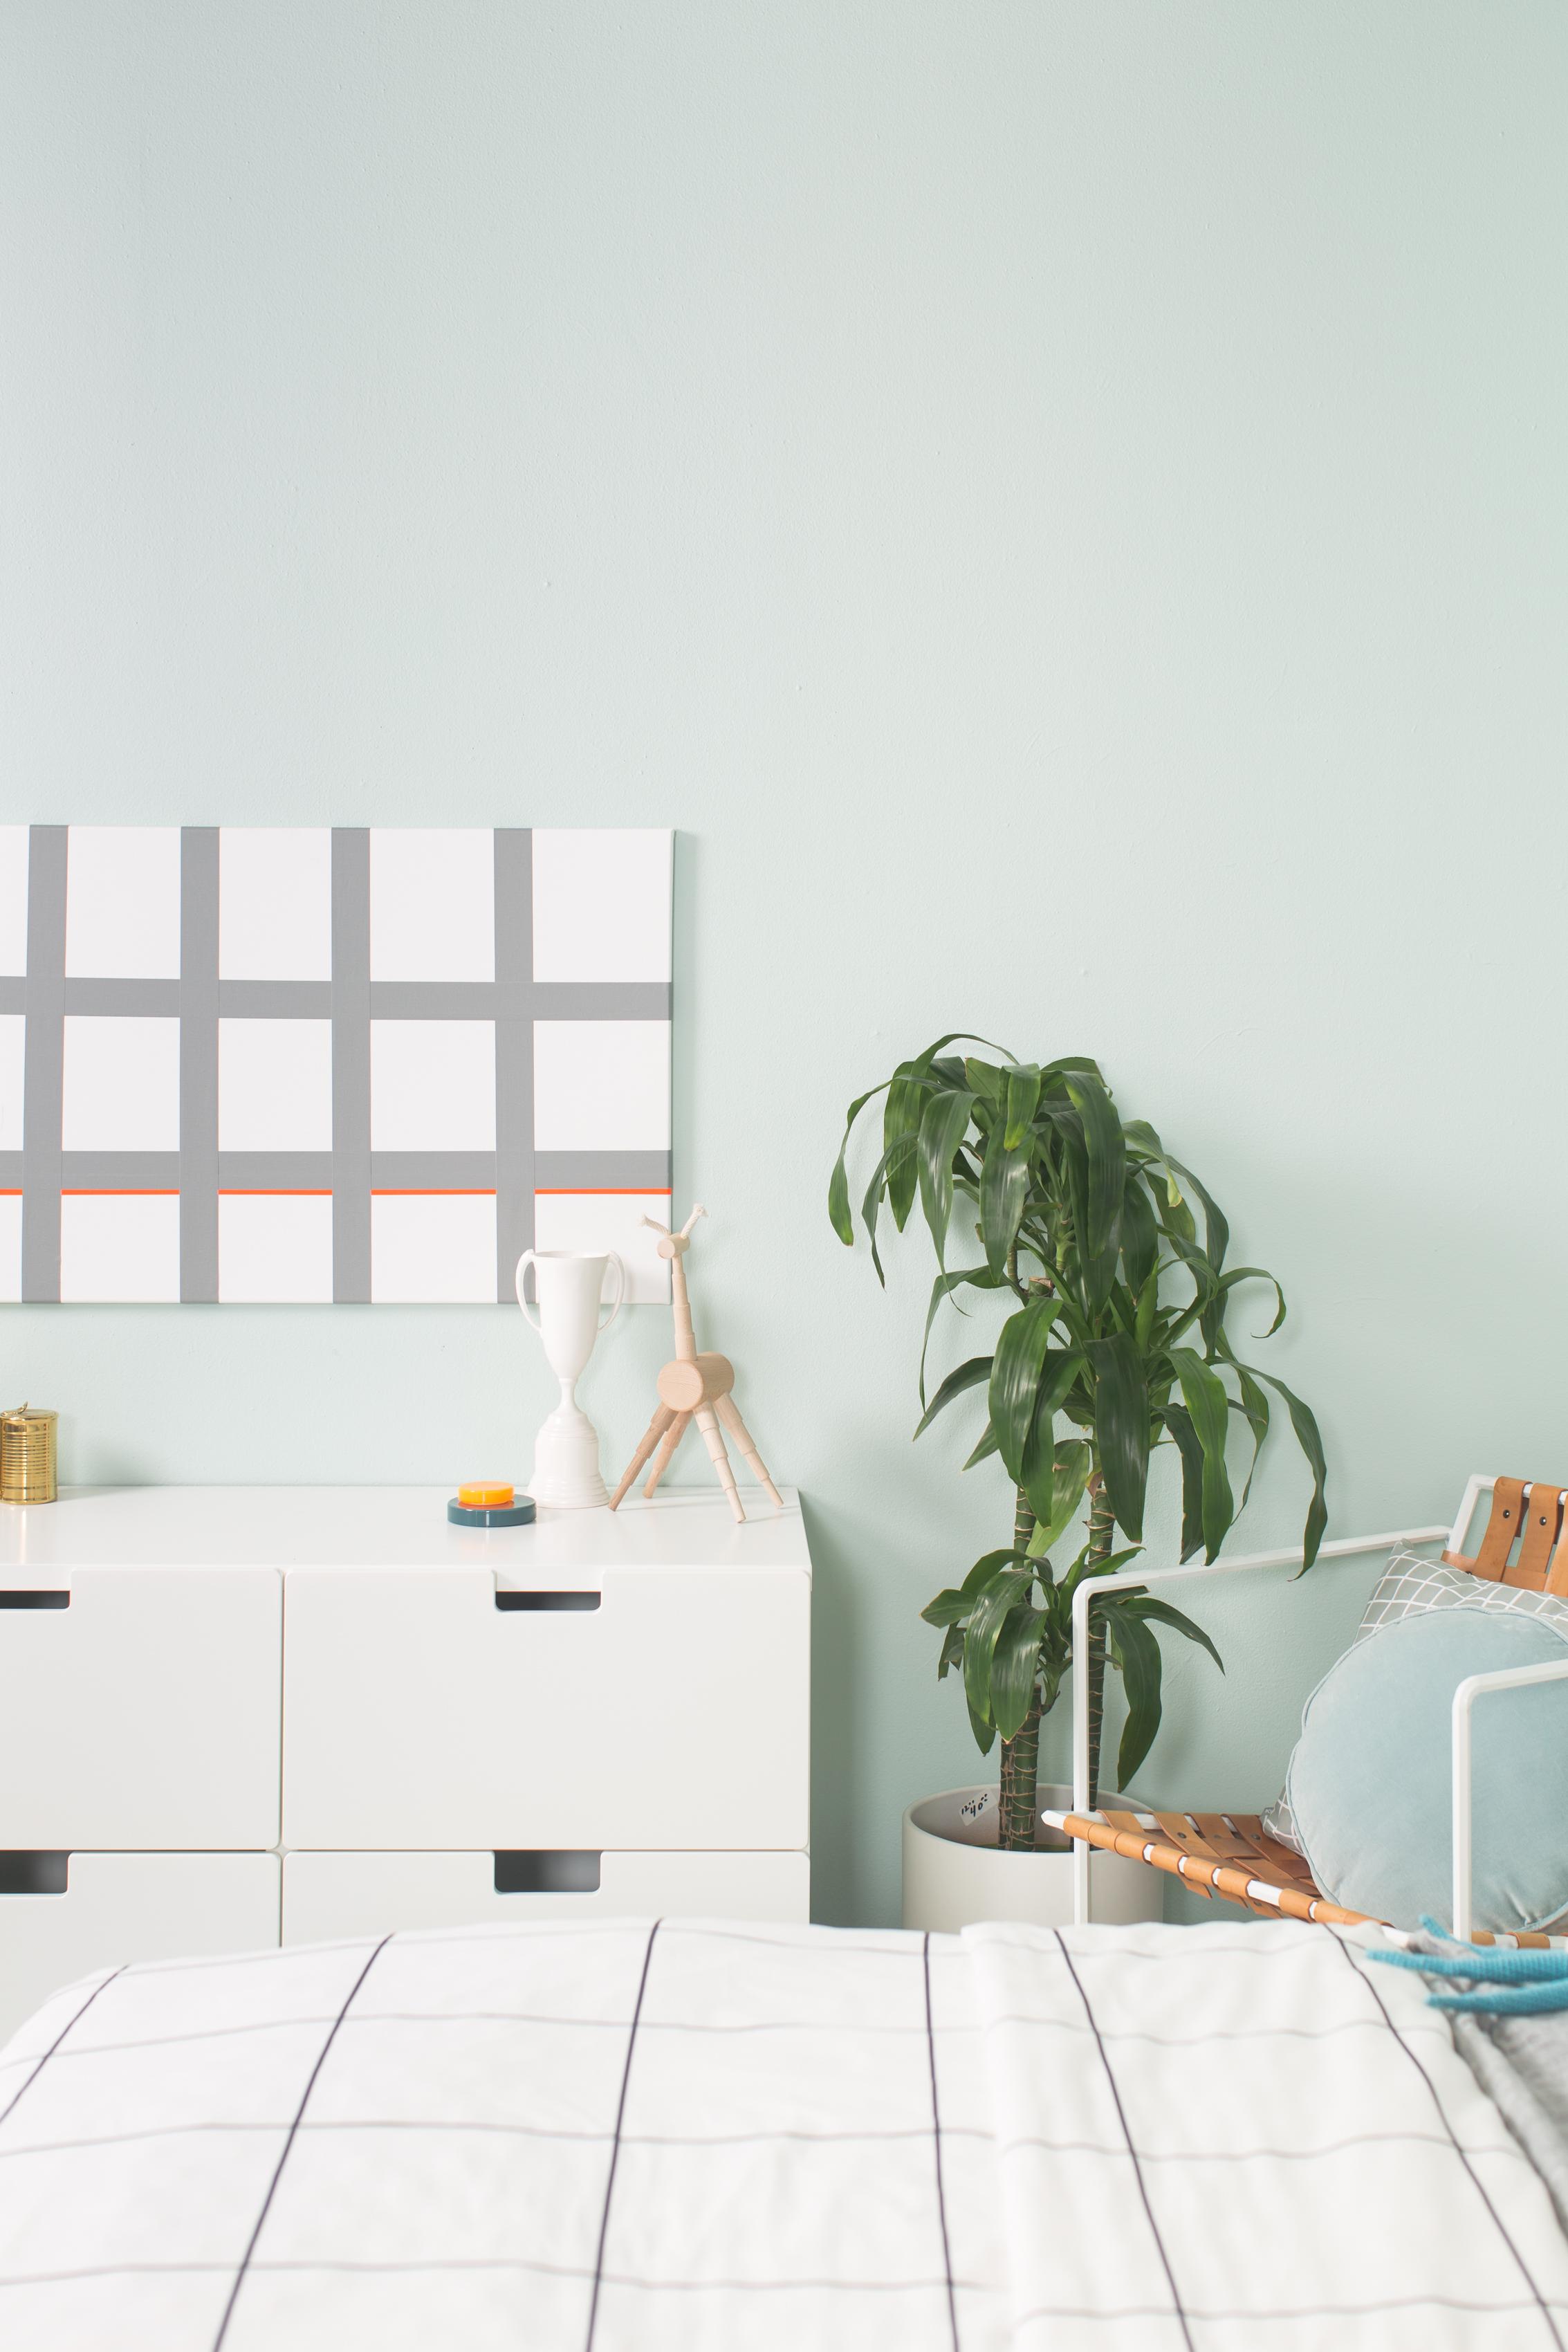 2018_09_20_Grid-Room-Inspiration-2.jpg